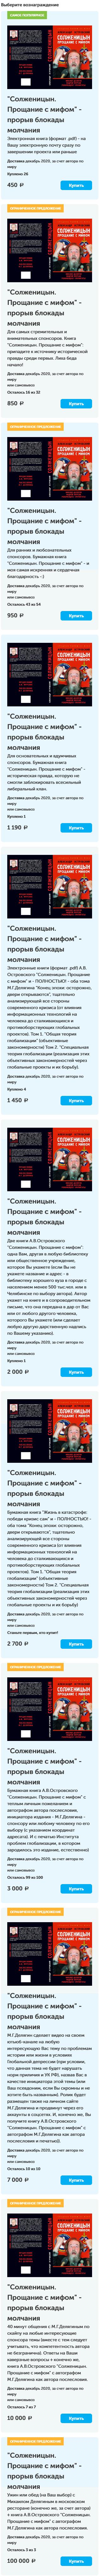 Солженицын. Прощание с мифом_ - прорыв блокады молчания — Boomstarte_-boomstarter.ru